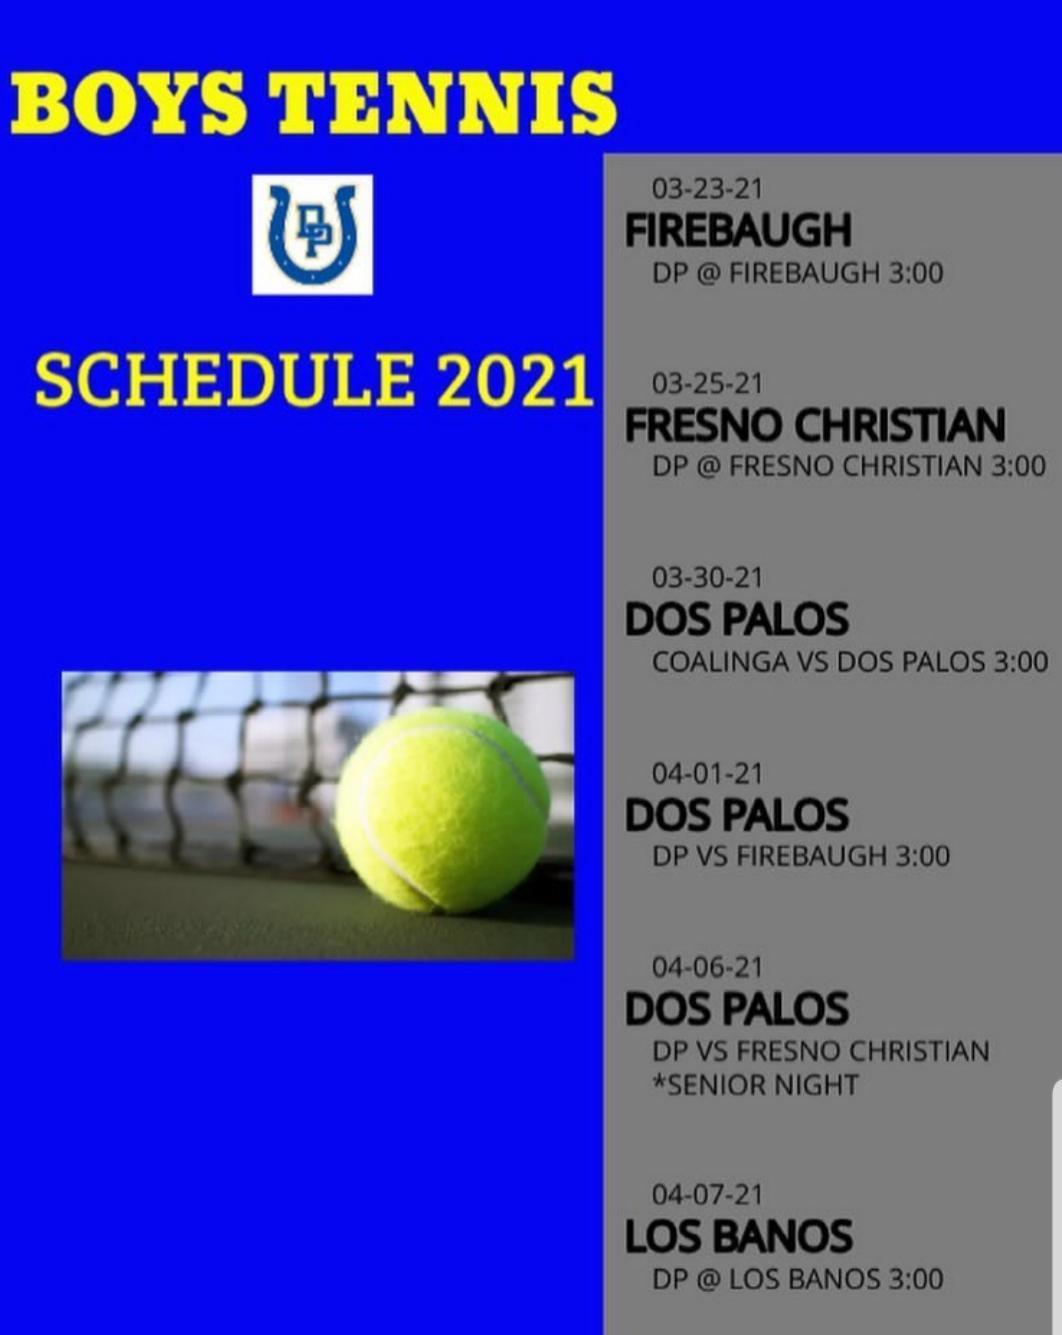 2021 Boys Tennis Schedule